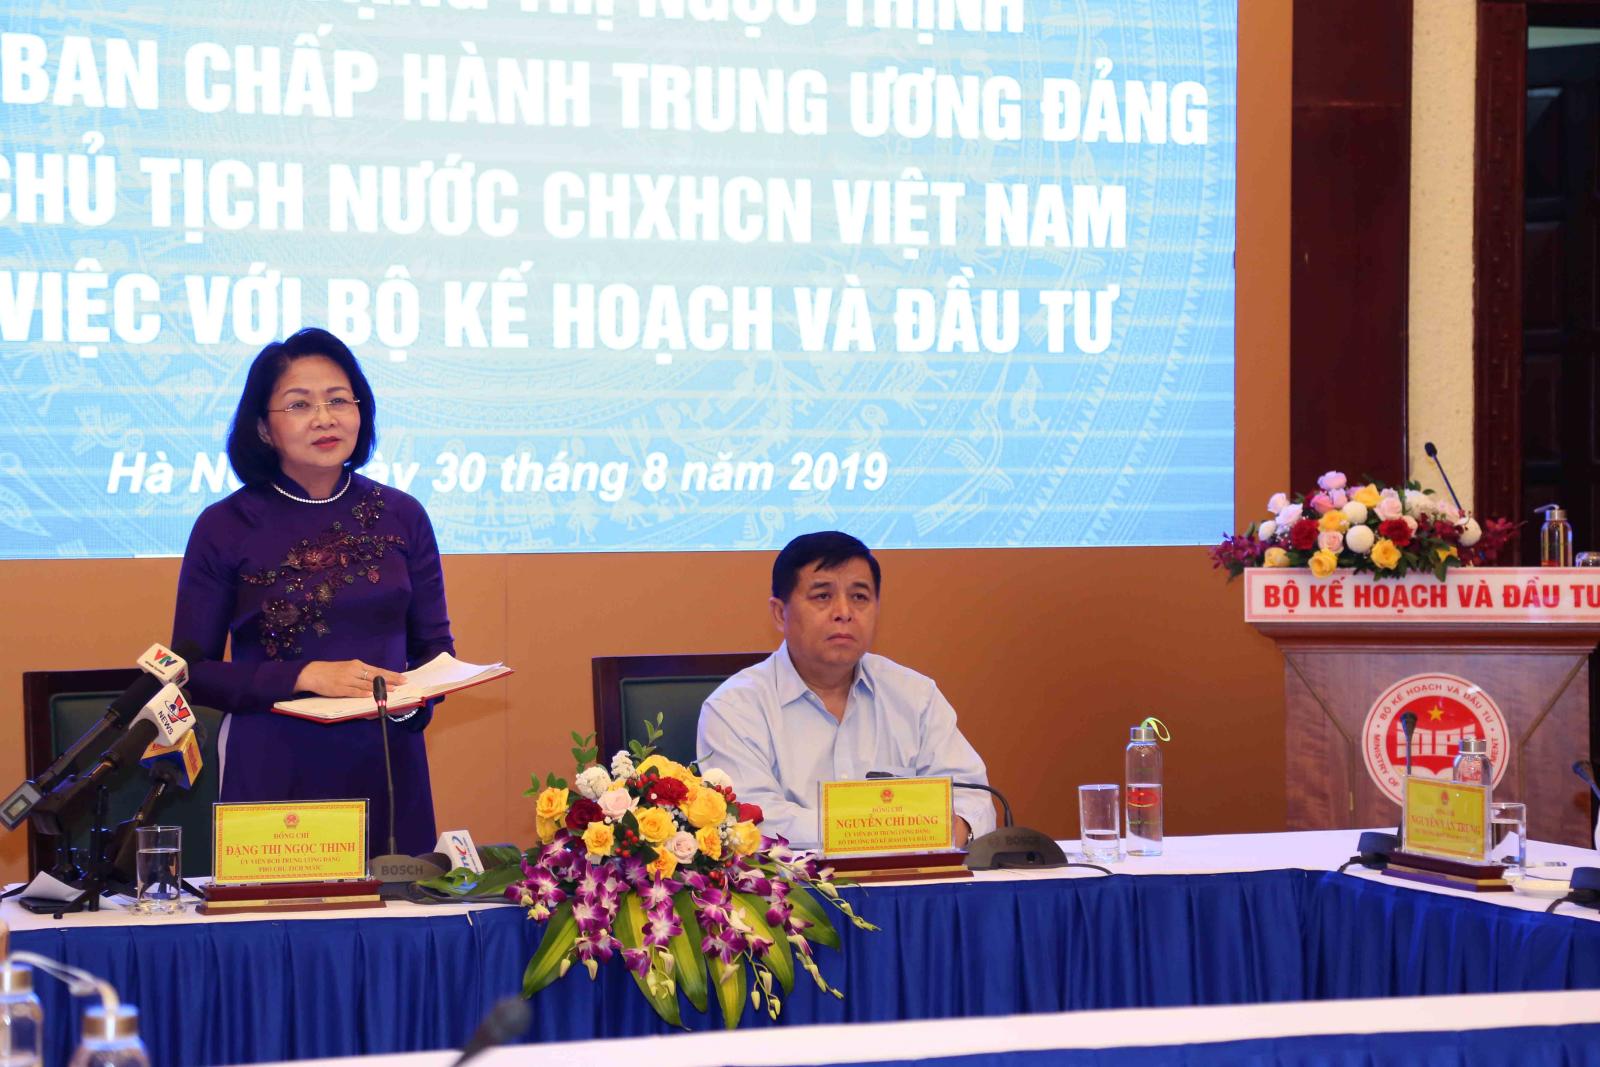 Bộ Kế hoạch và Đầu tư Tiên phong trong cải cách và đổi mới